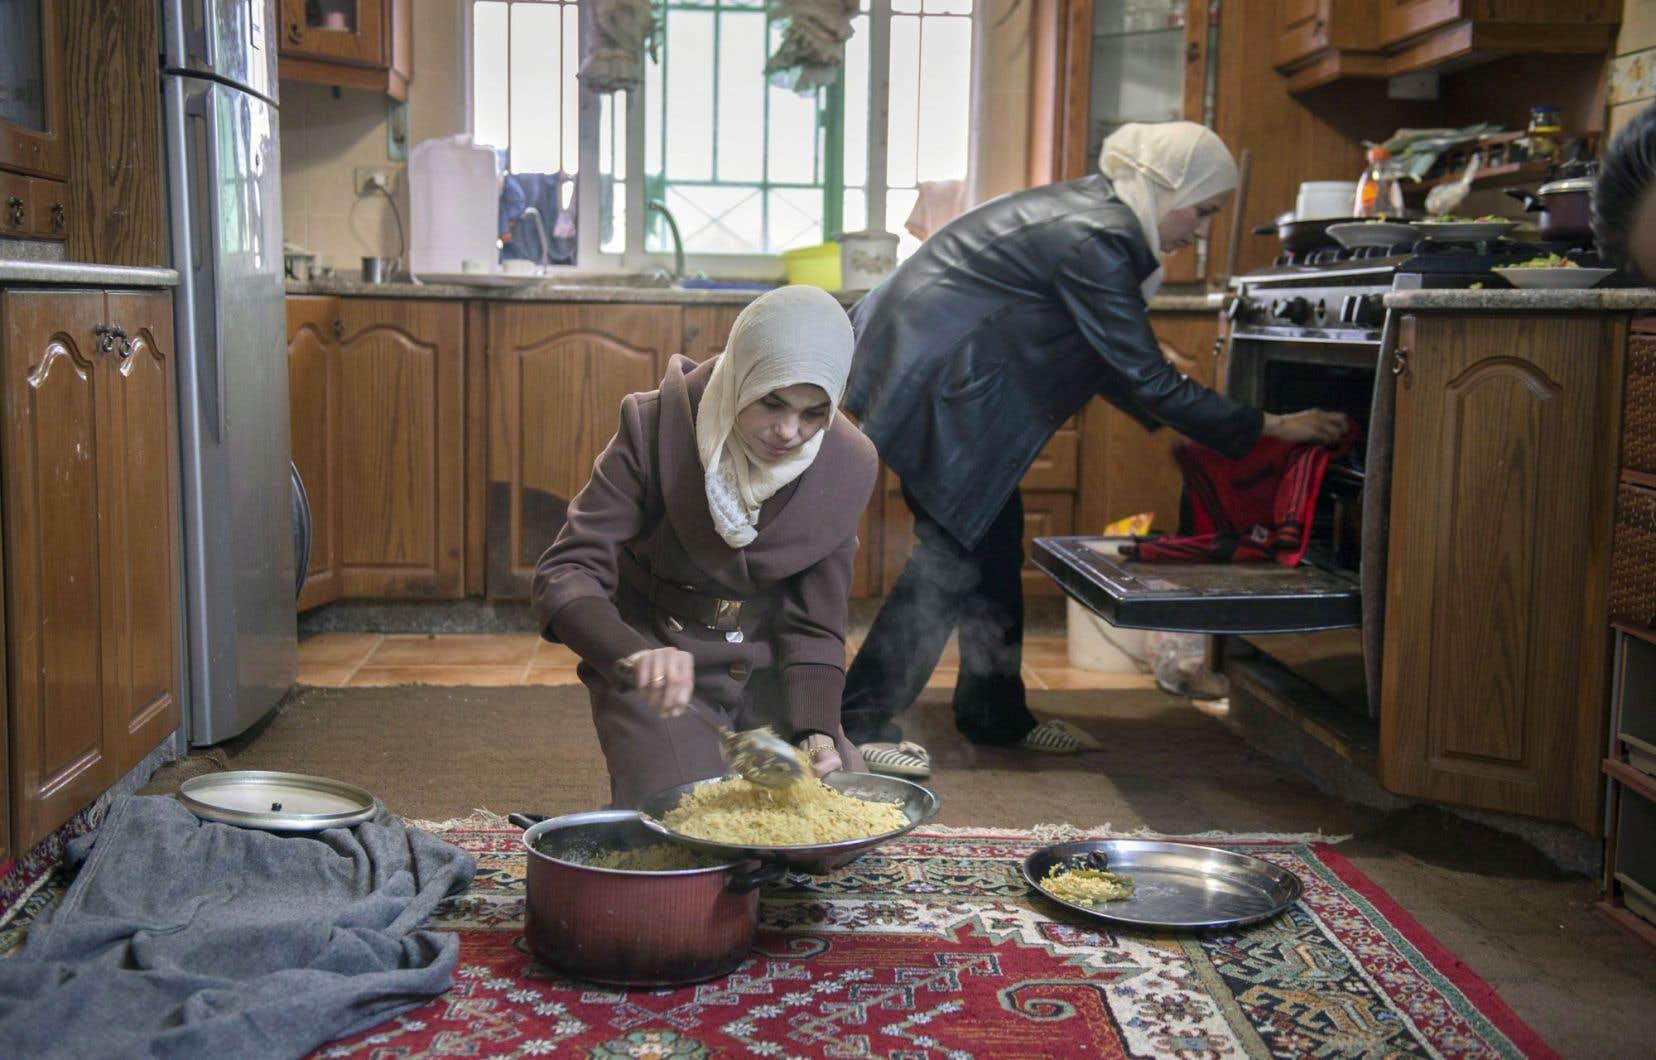 Deux réfugiées syriennes (qui ont fait une demande d'immigration au Canada) cuisinent dans un appartement en Jordanie.